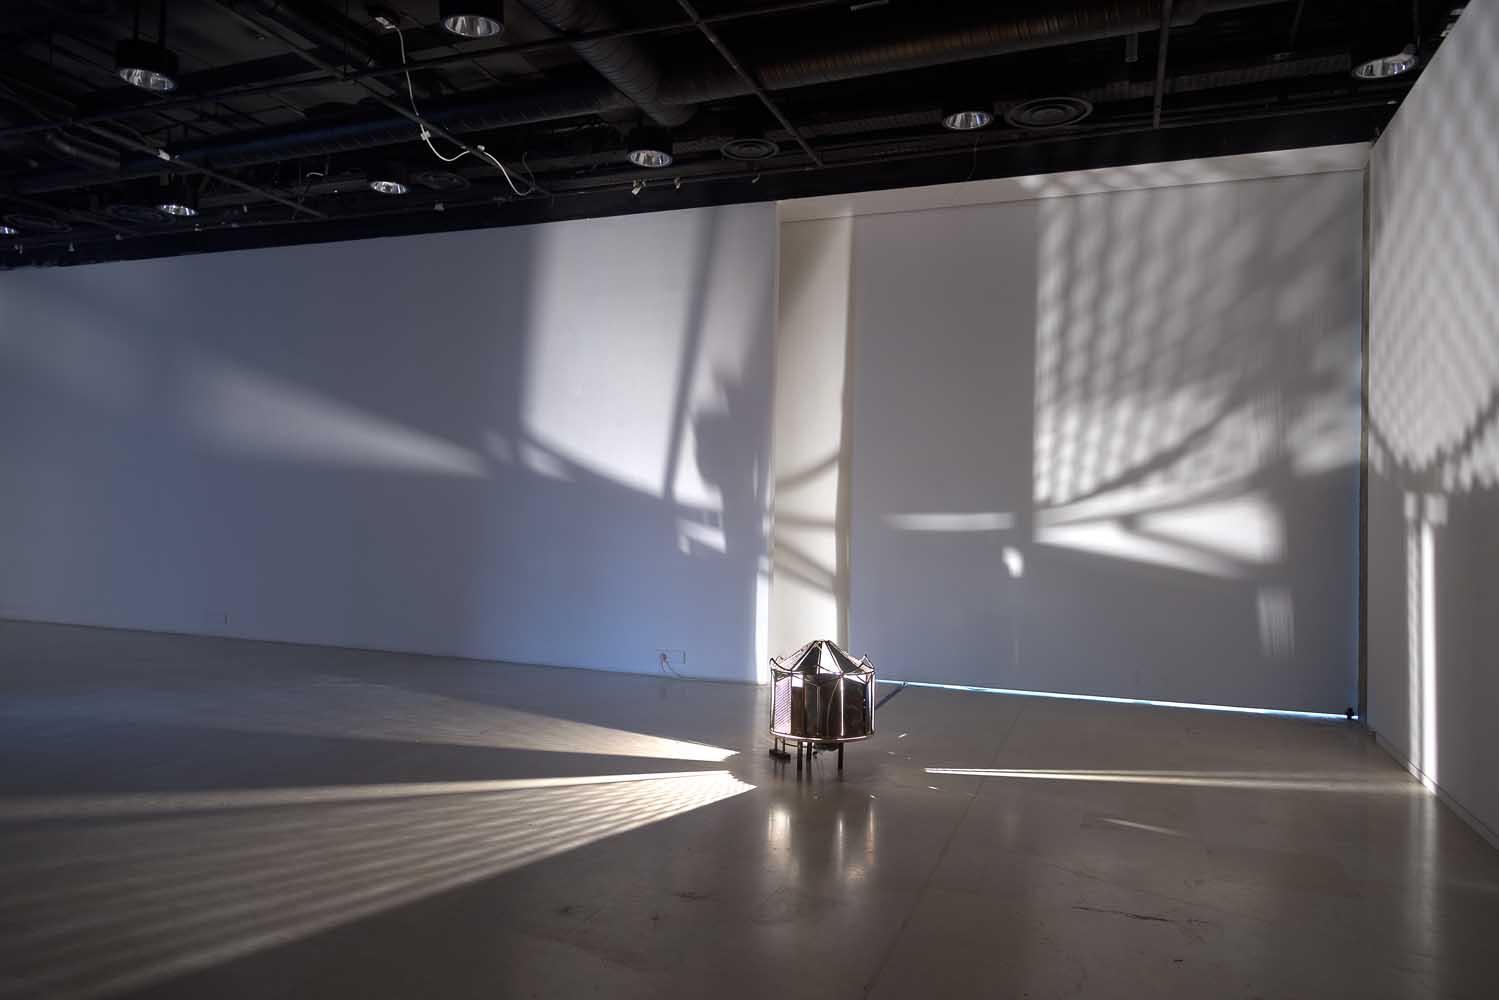 <em>Carrousel</em>, 2014 <br>fer, bois, moteur d'essuie-glaces, ampoule de rétroprojecteur, courant éléctrique, composants électroniques <br>57 x 49 x 45 cm